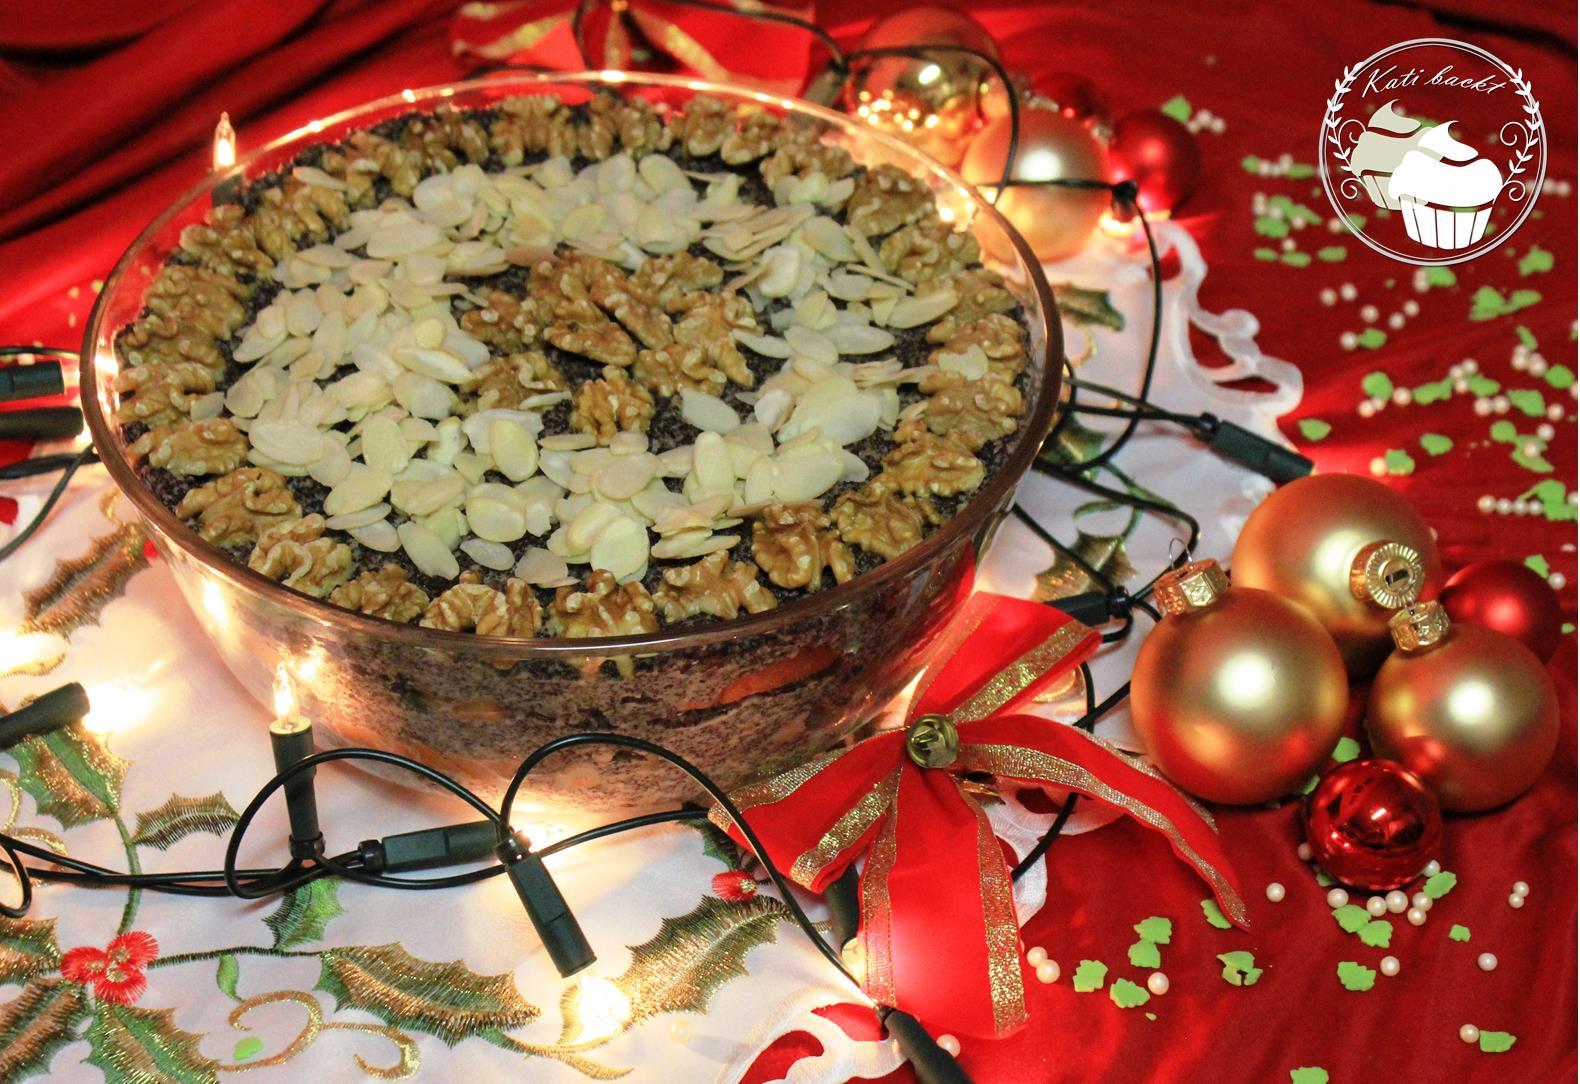 Weihnachten, Nachtisch, Nachspeise, Dessert, polnisches Rezept, polinische Rezepte